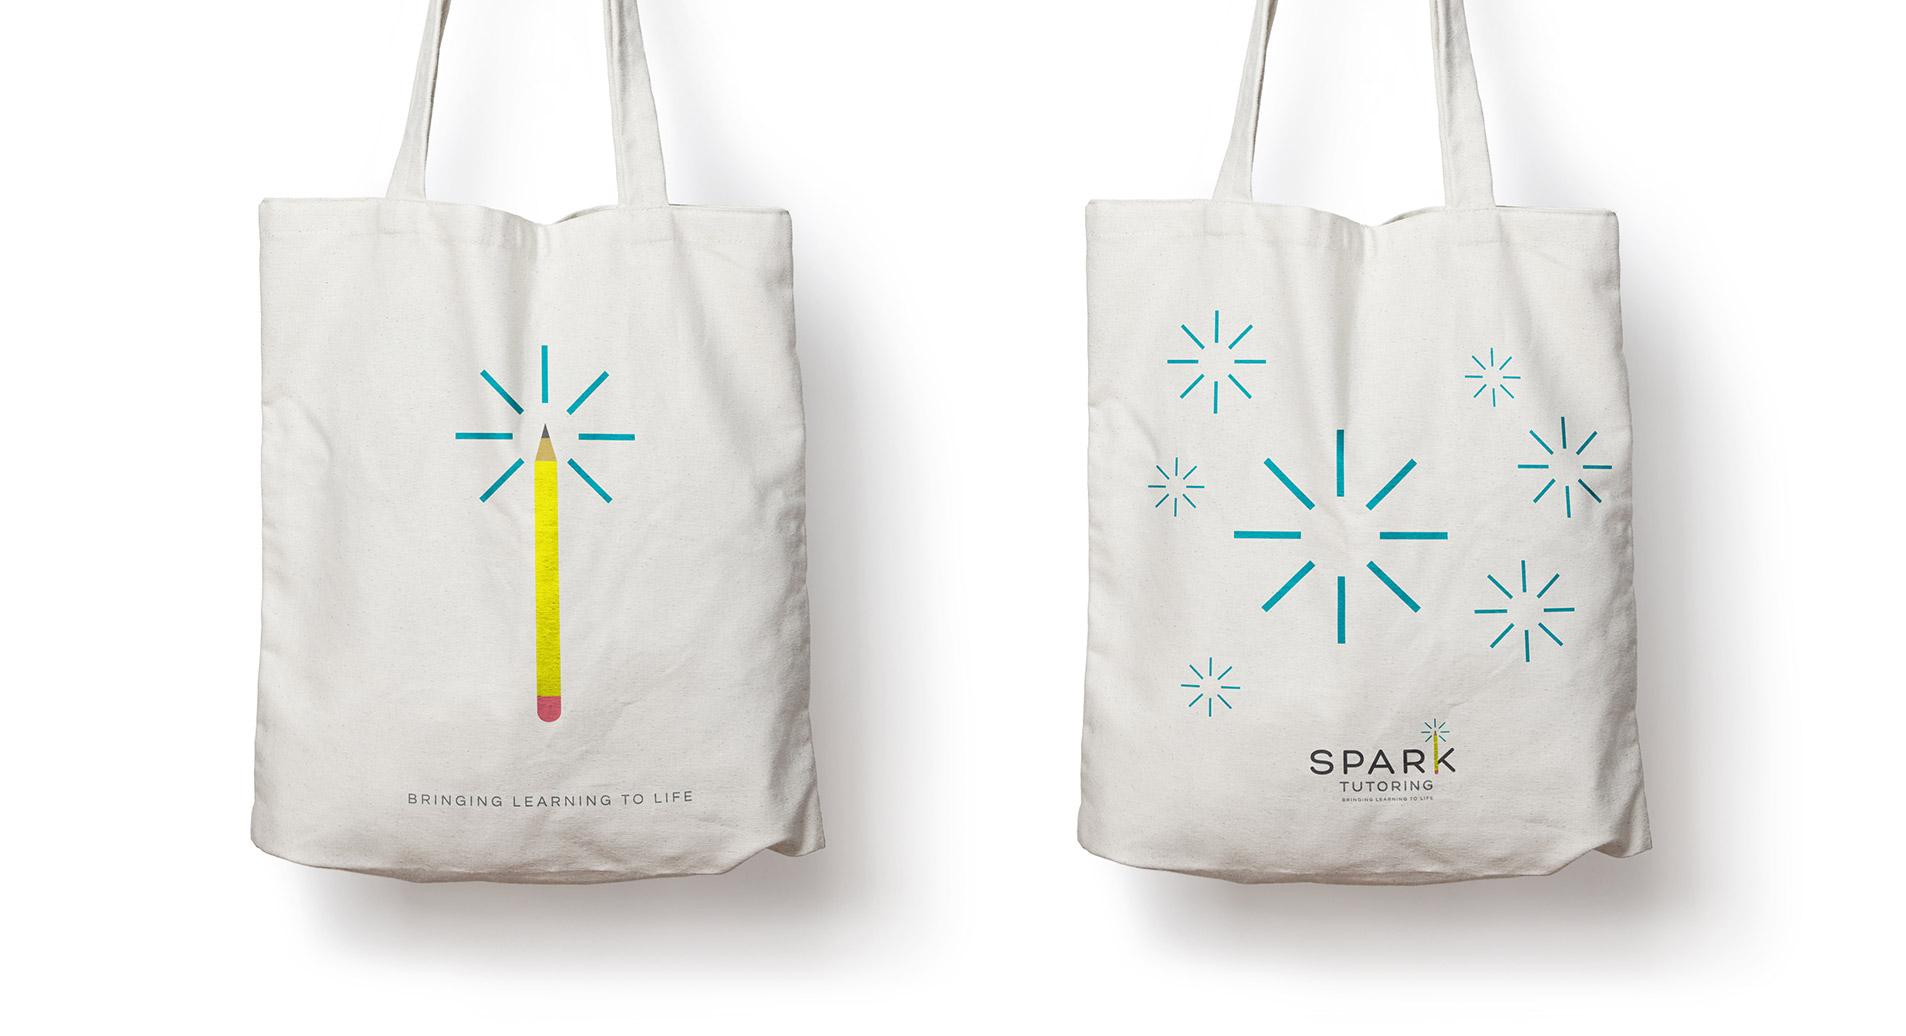 logo design on bags for spark tutoring